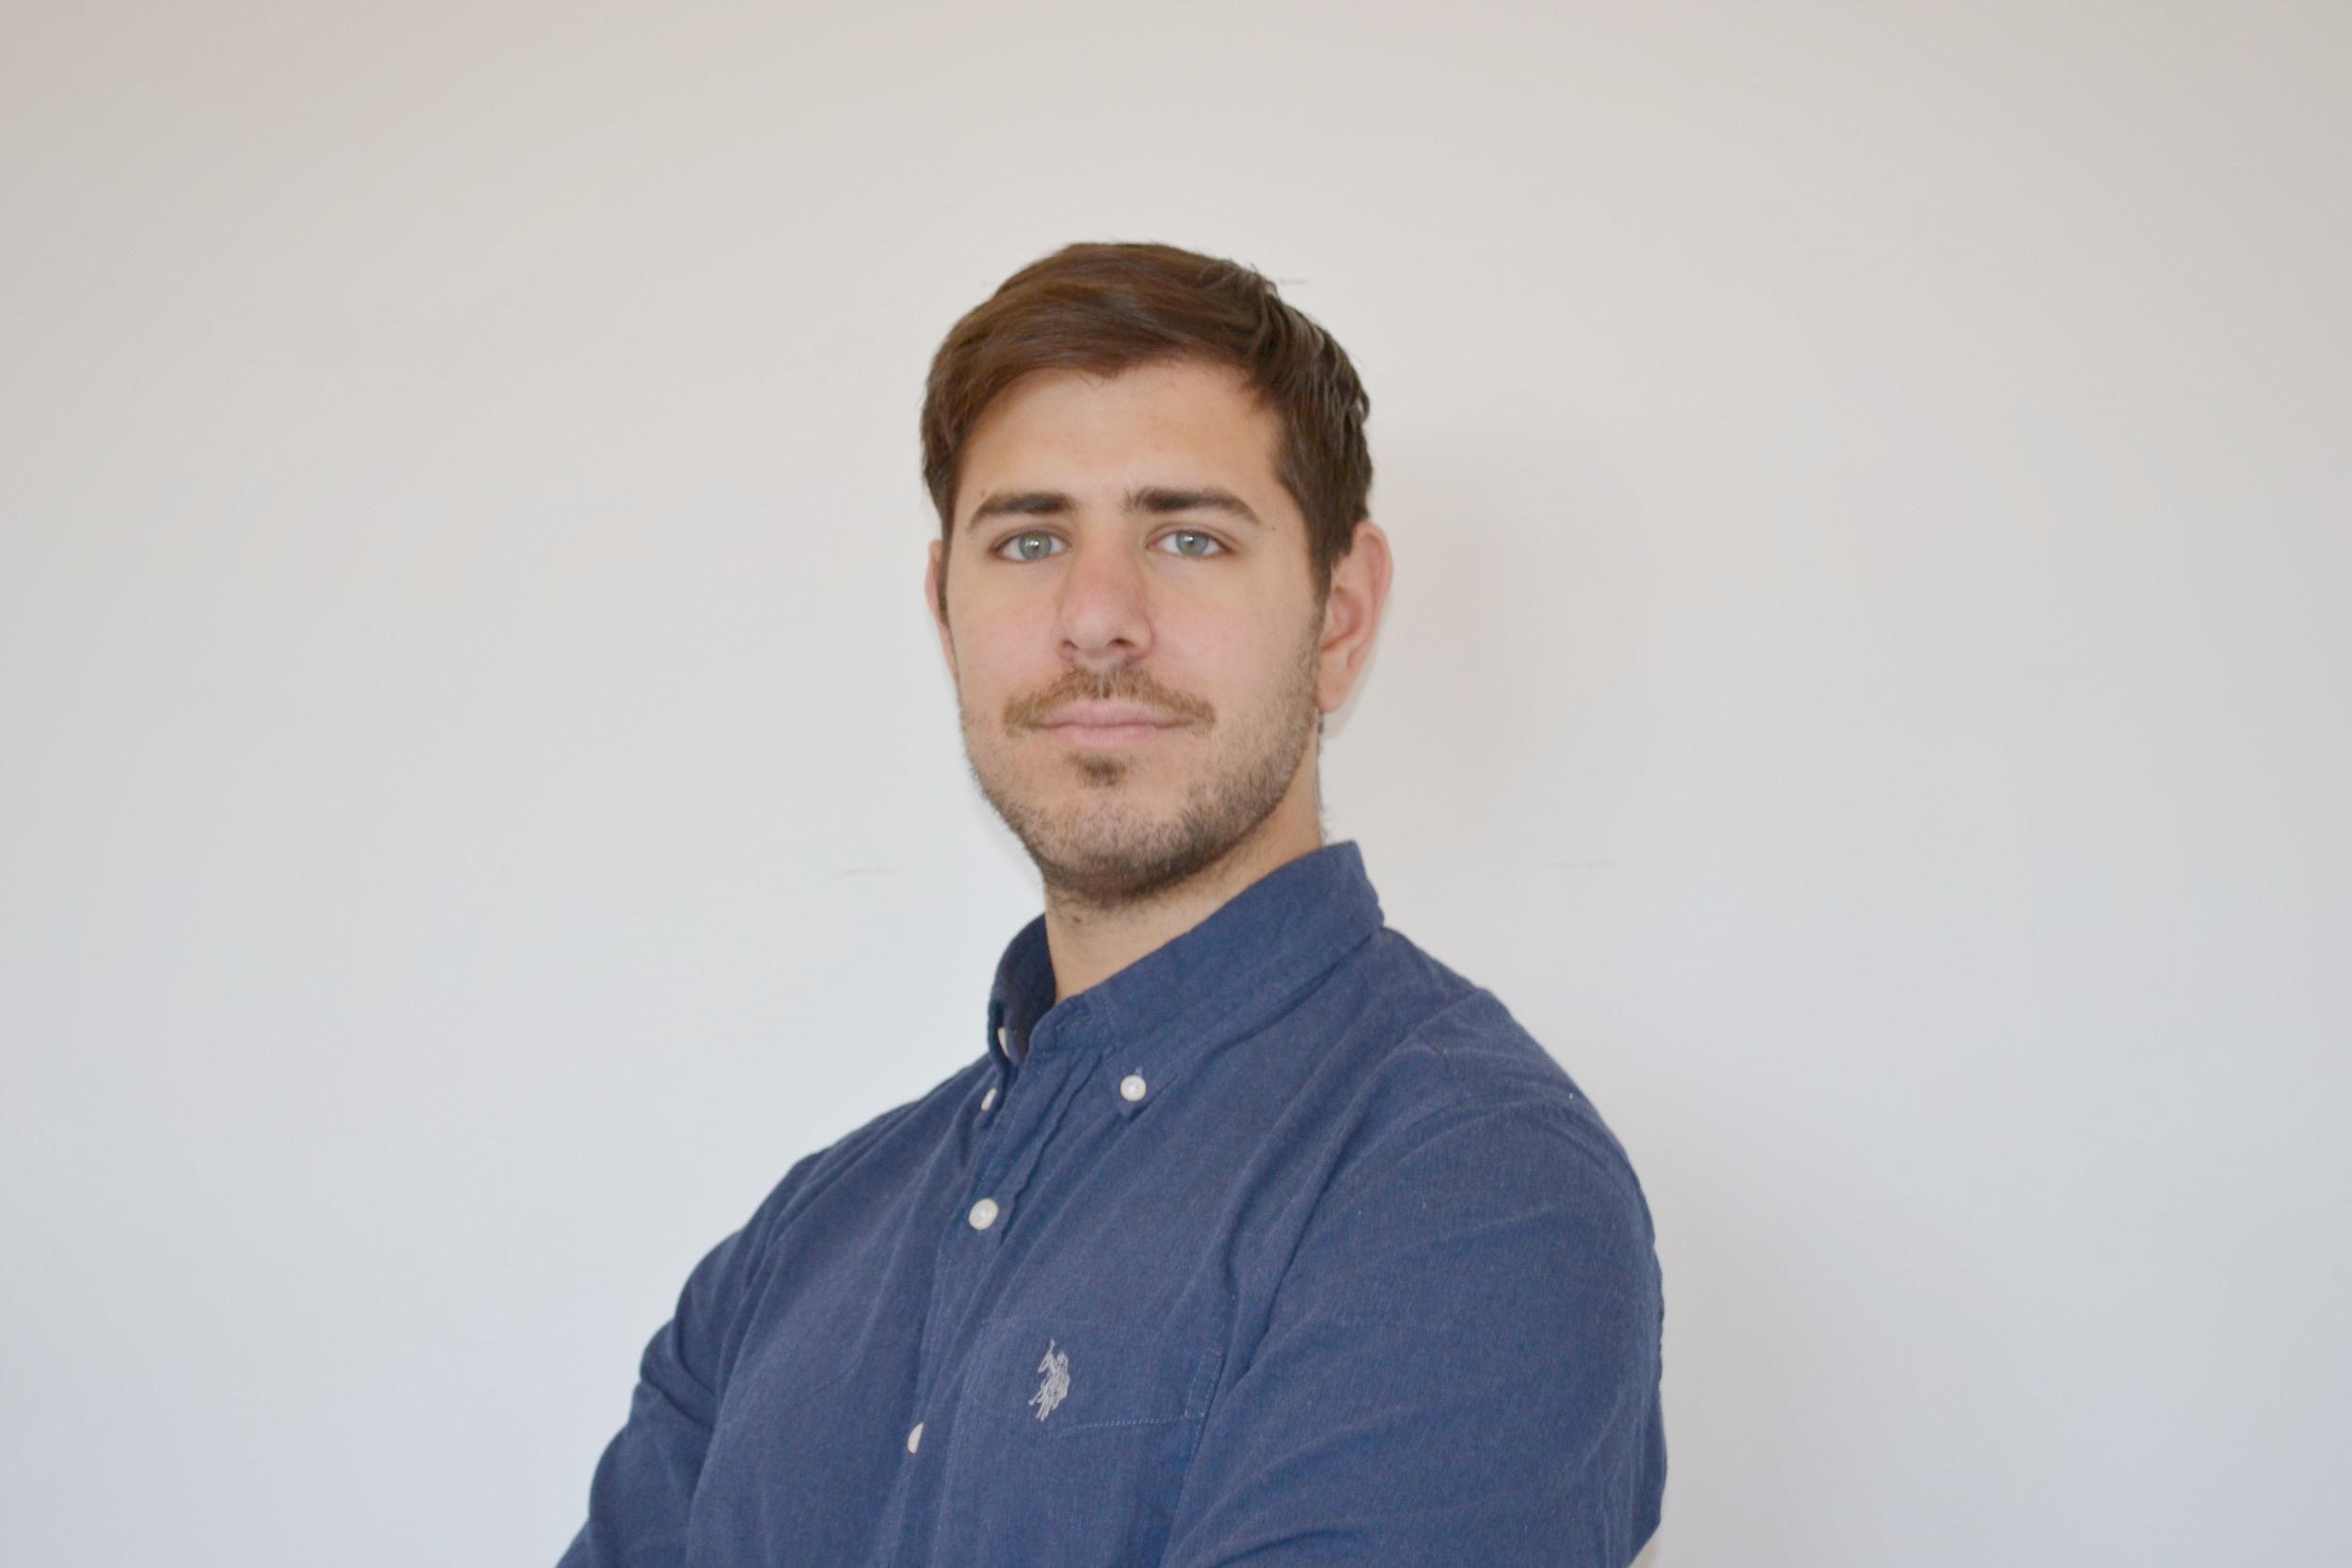 Alexander Haque, CEO